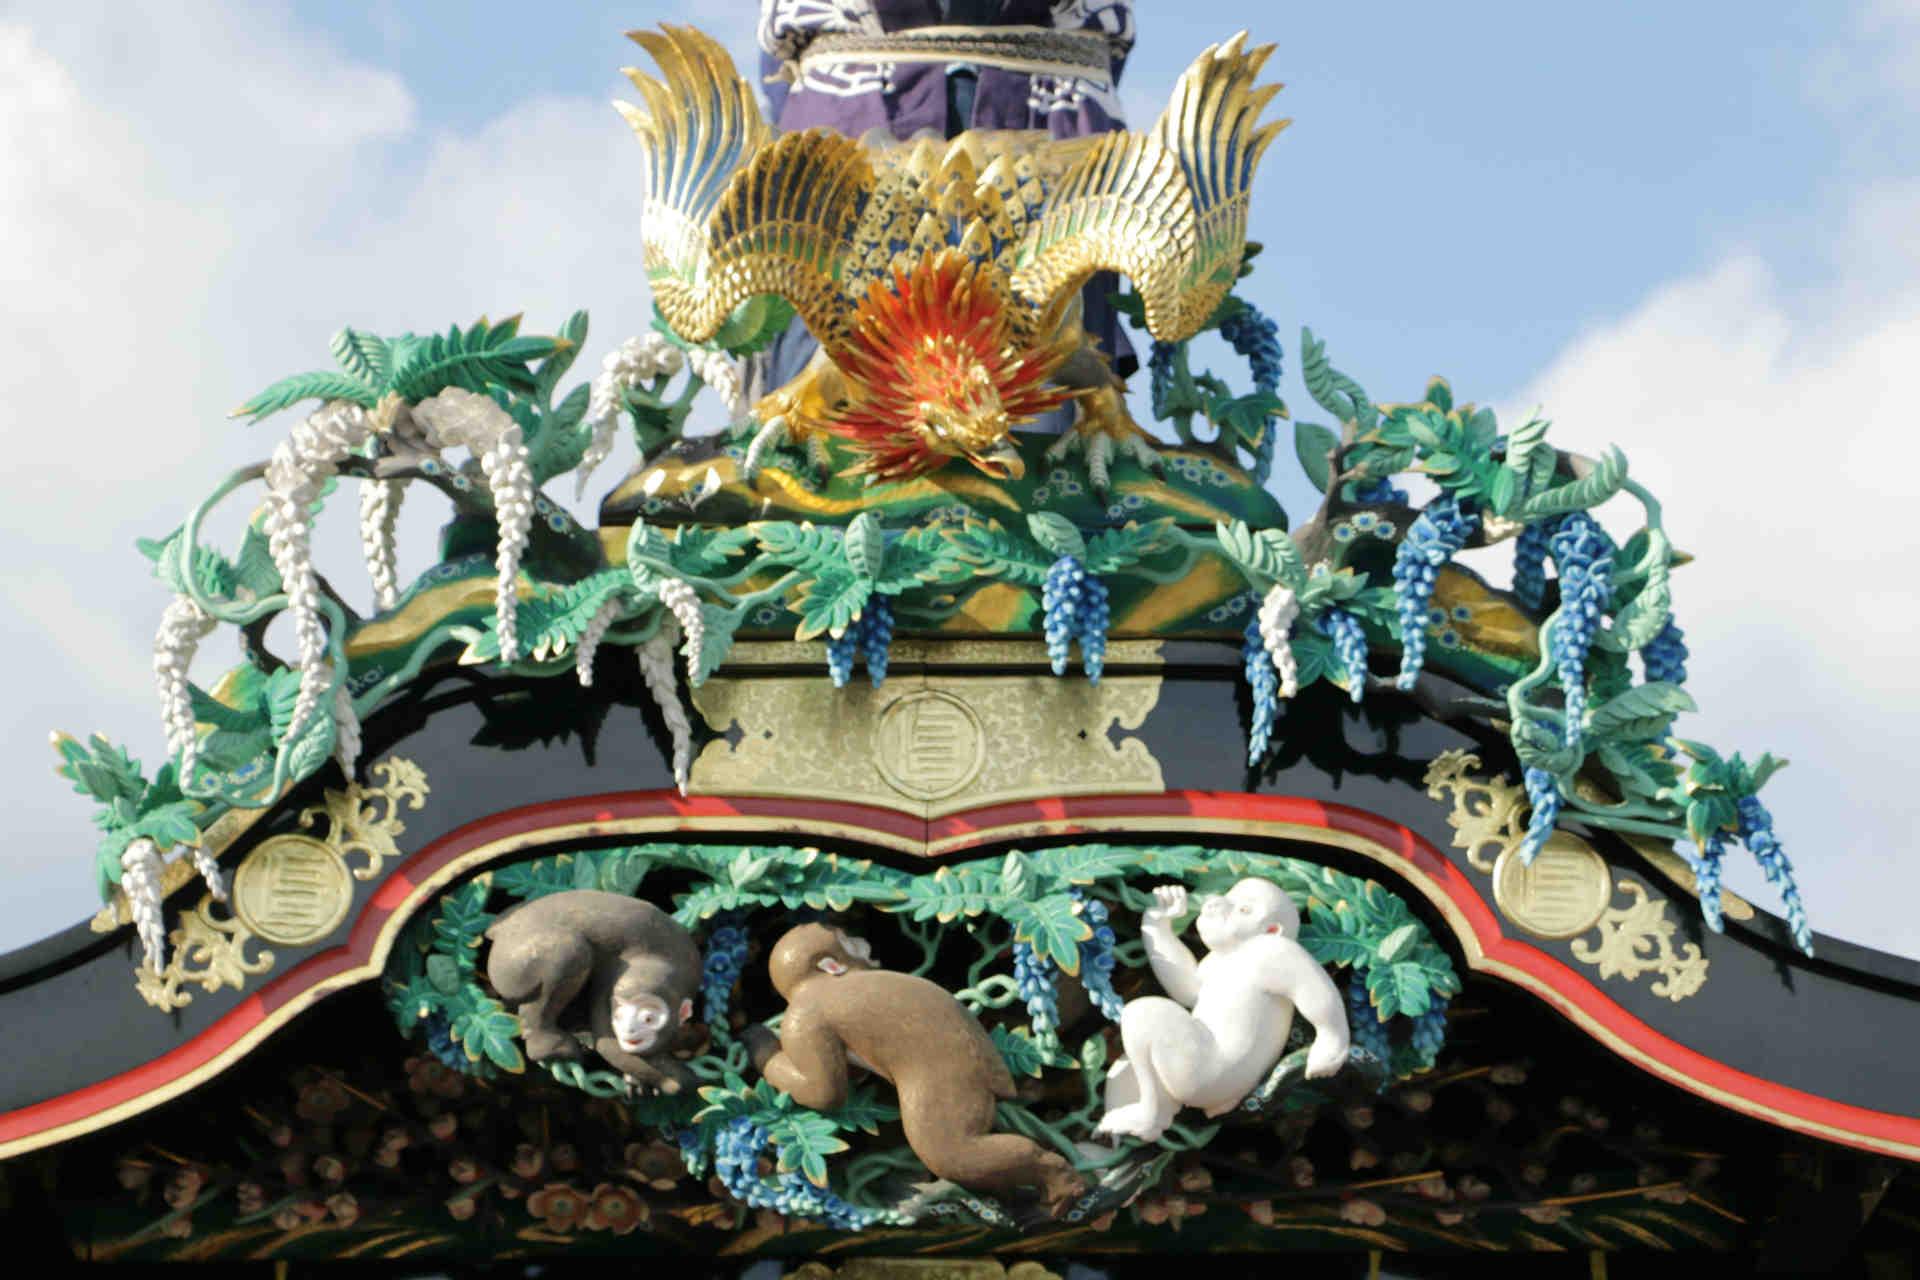 三猿を彷彿とさせる彫刻は、よく見ると屋根の上の鳥 (大ワシ) が、藤の下に隠れている猿を睨みつけている構図になっています